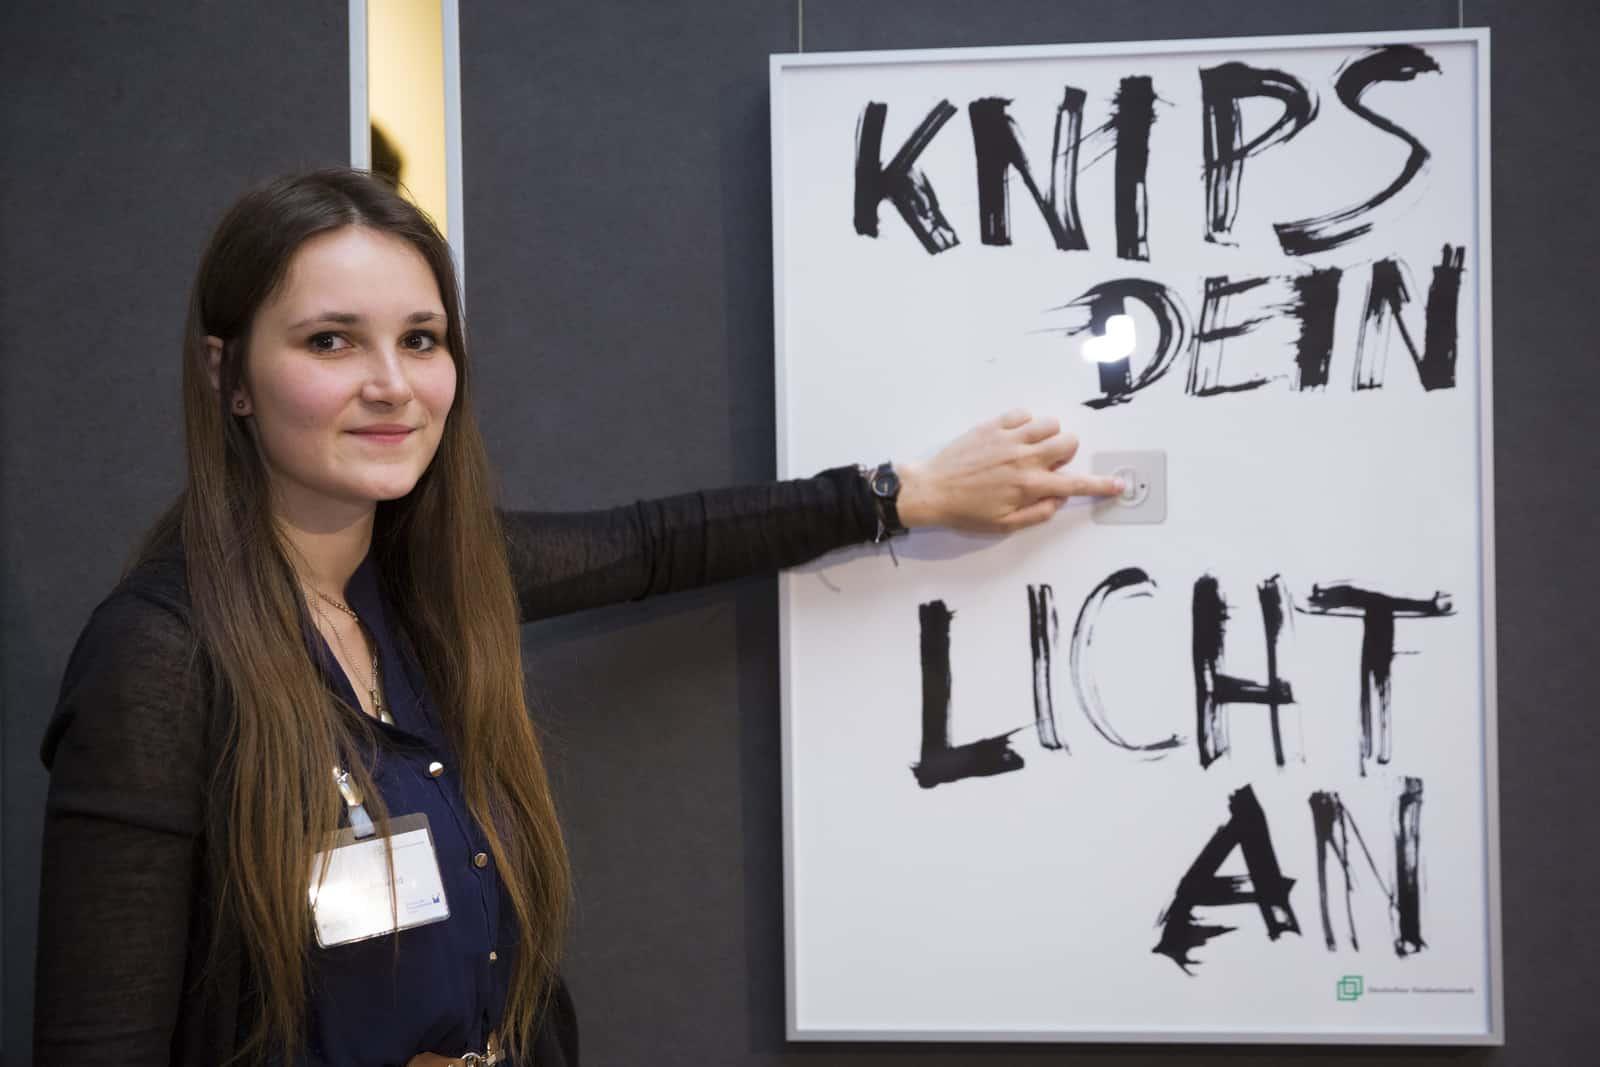 """Preisträgerin Alina Mirwald vor ihrem Siegerplakat """"Knips dein Licht an"""". Foto: Kay Herschelmann"""